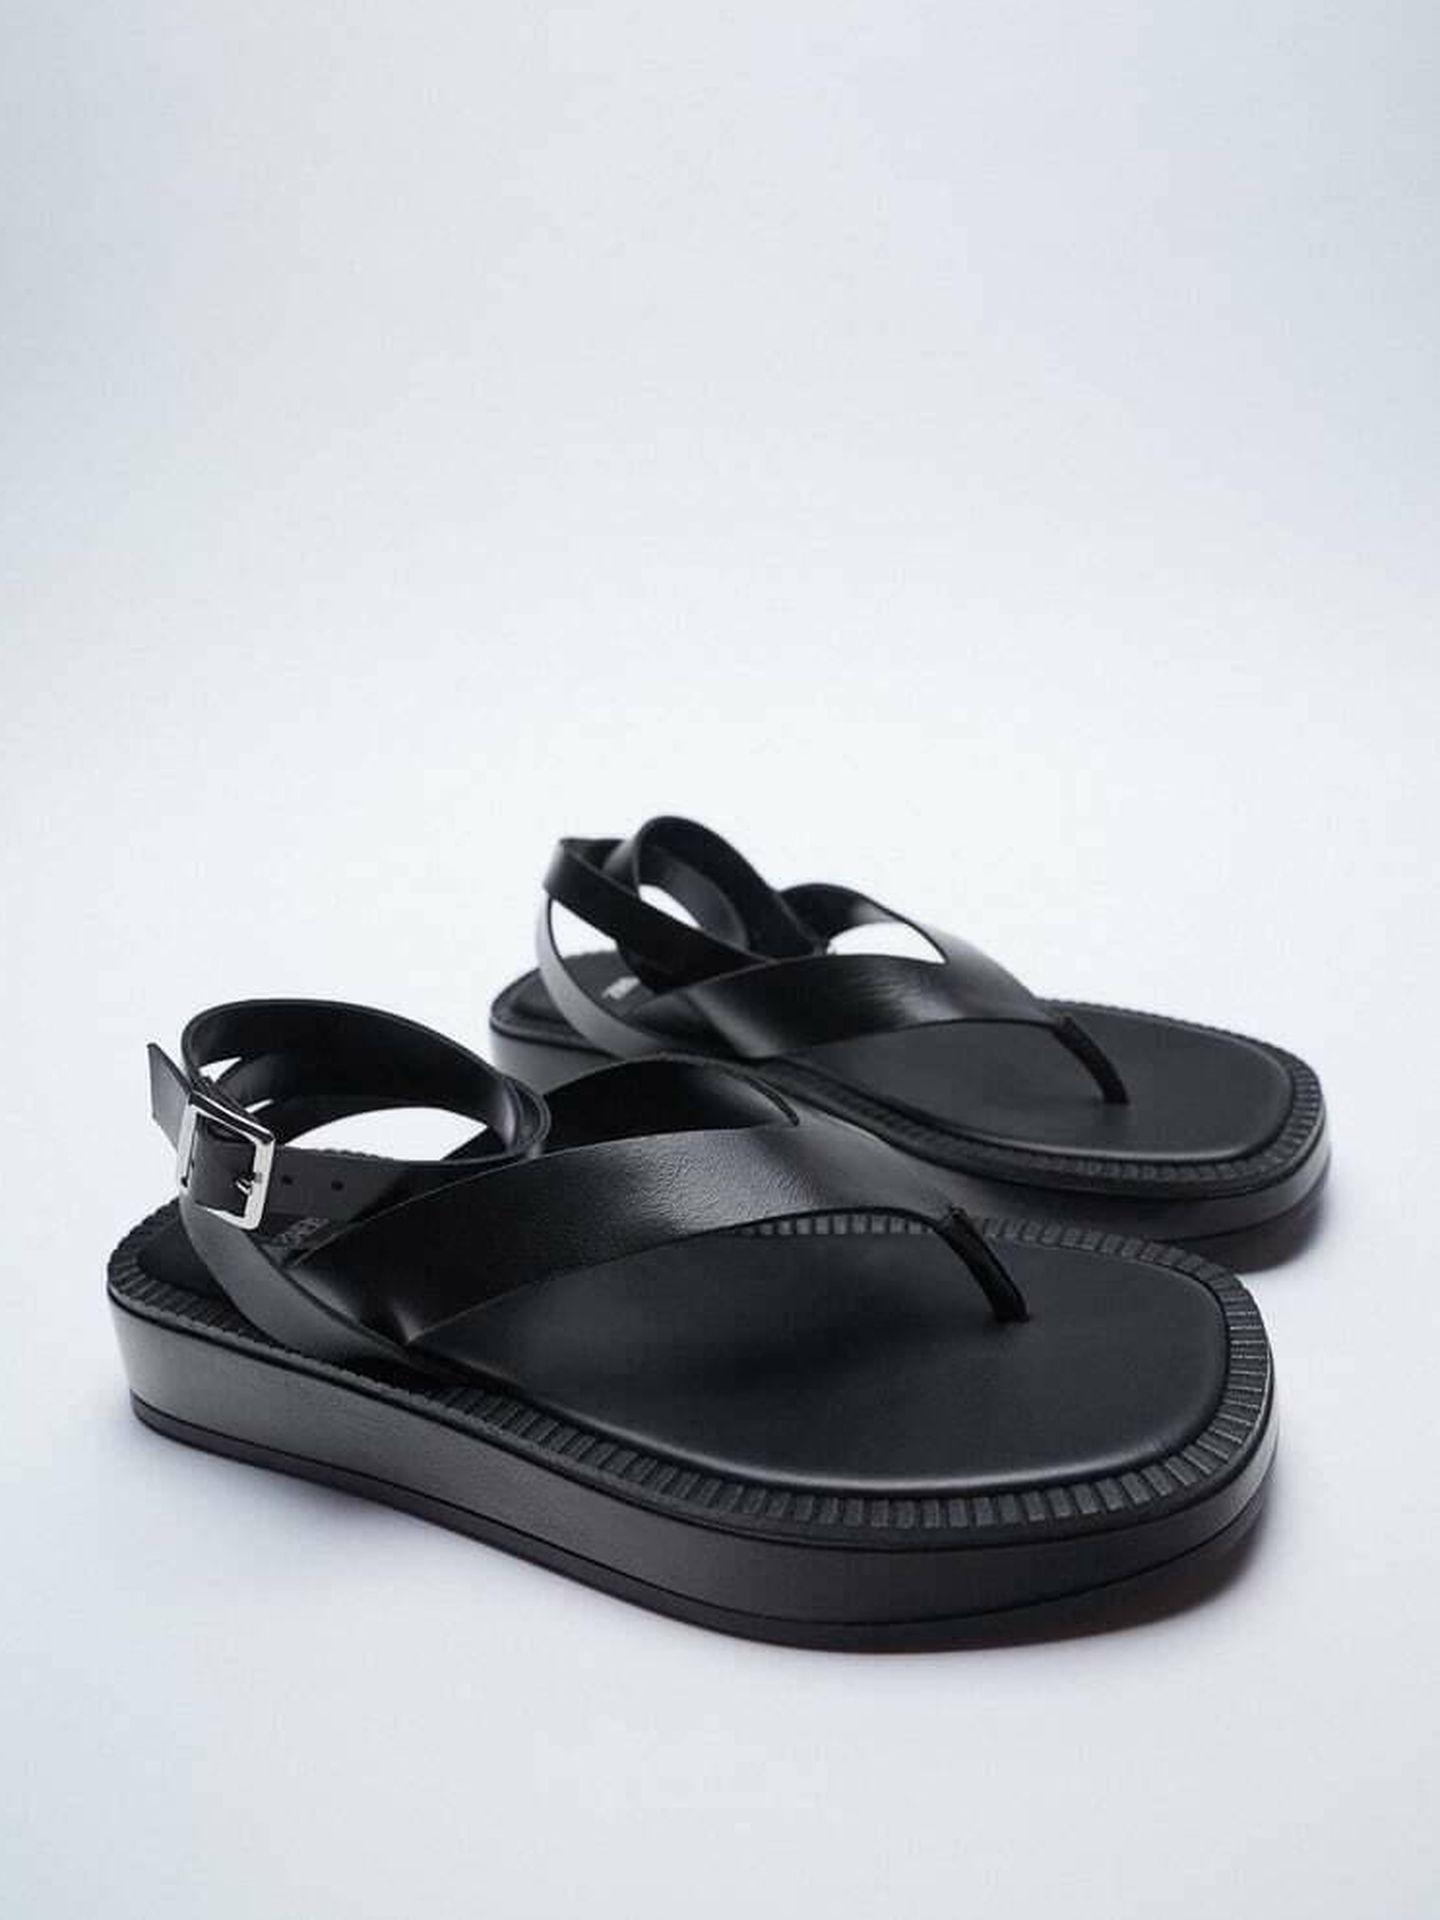 Las sandalias de Zara con lista de espera. (Cortesía)